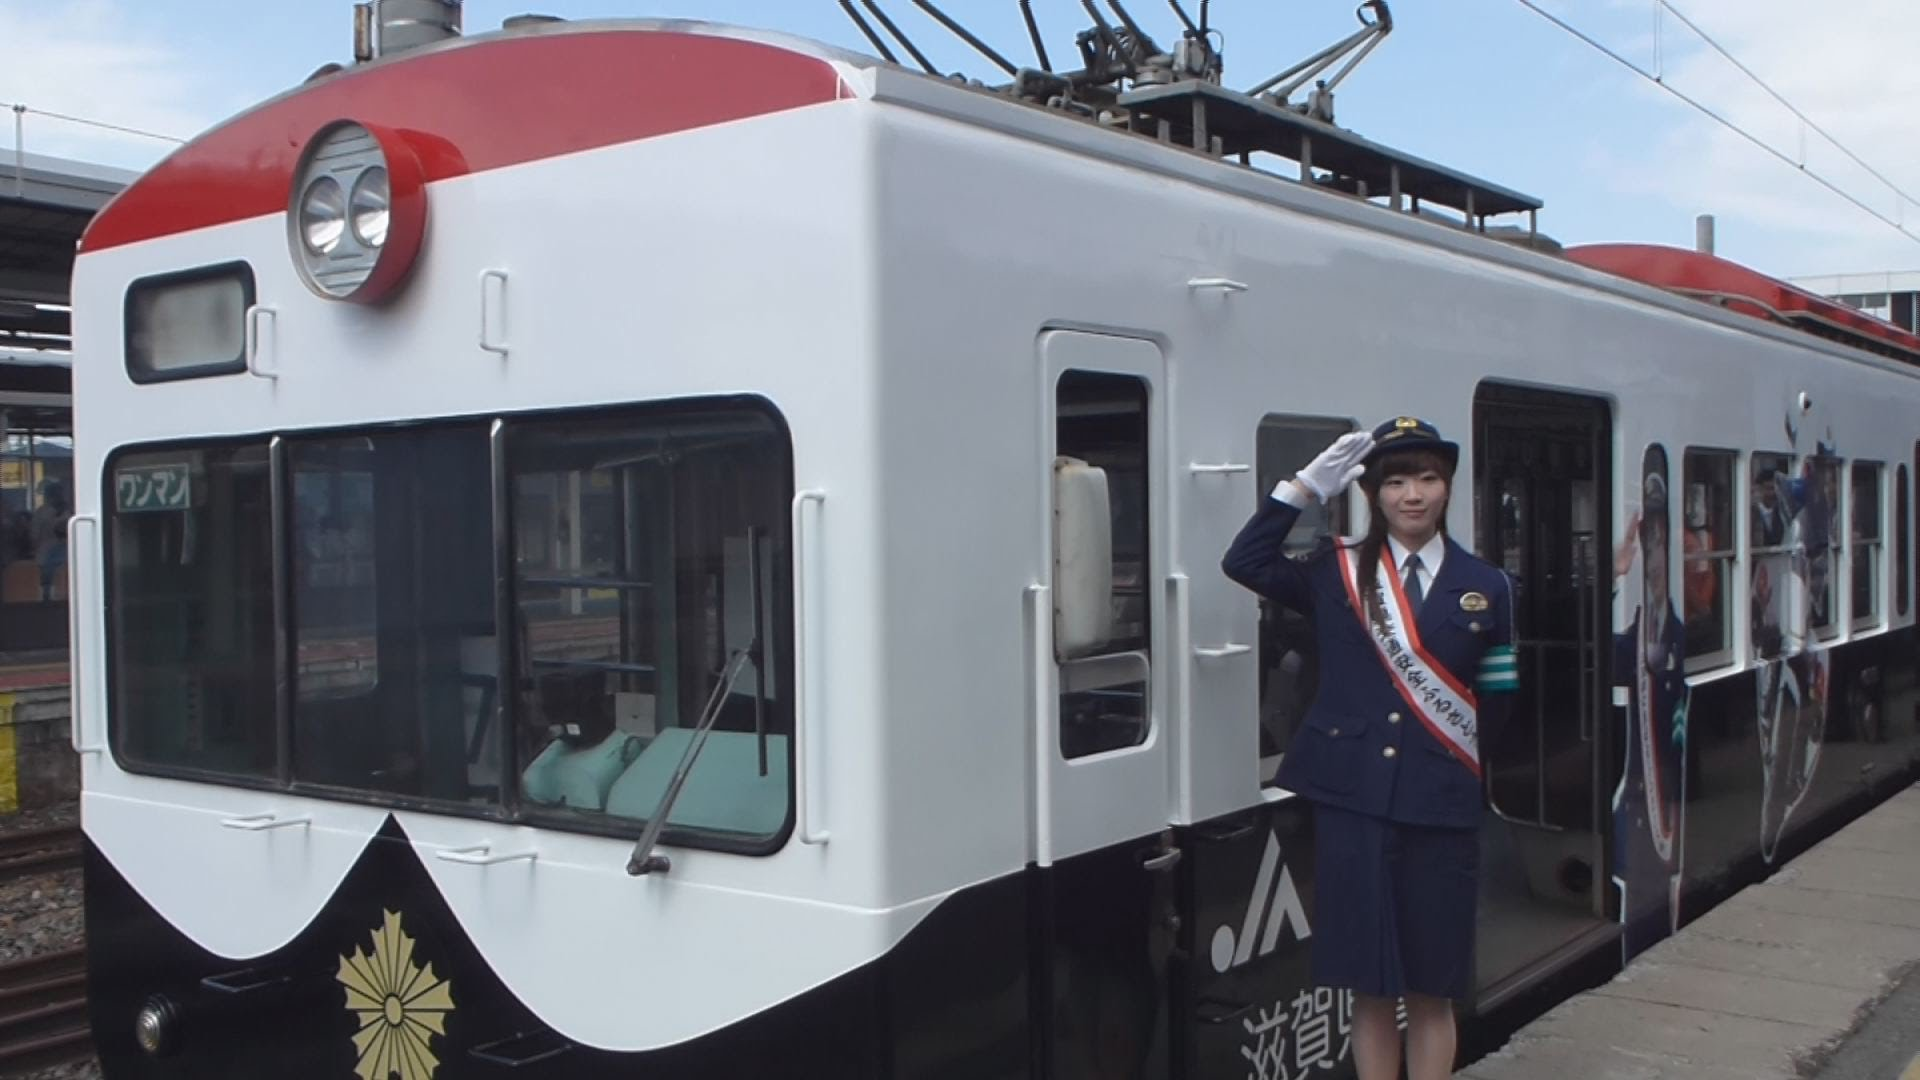 「パトカー電車」が出発 滋賀、交通安全運動で